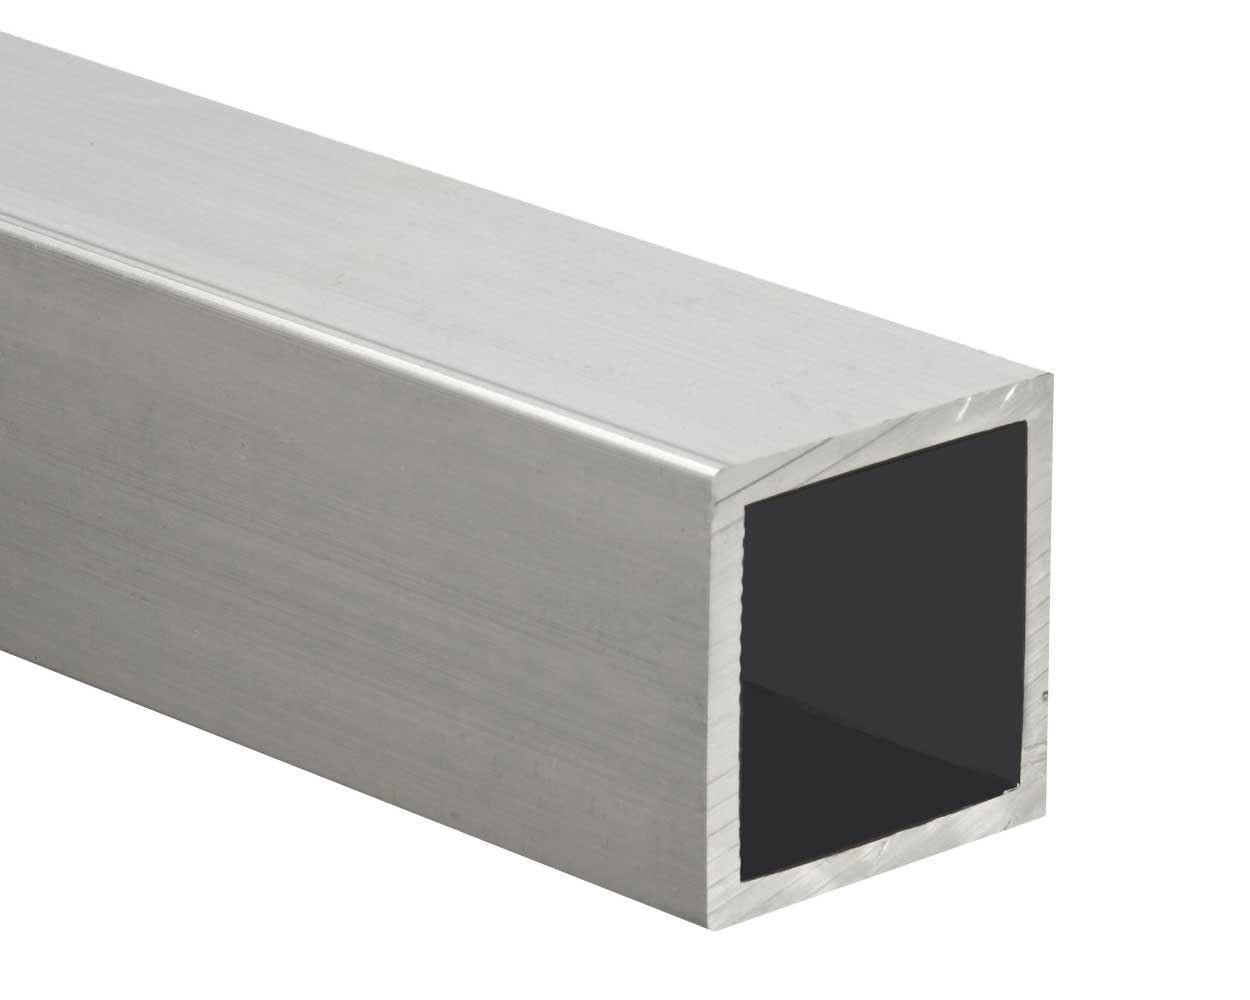 Aluminum Square Tubing 3 4 X 125 Tampa Steel Amp Supply